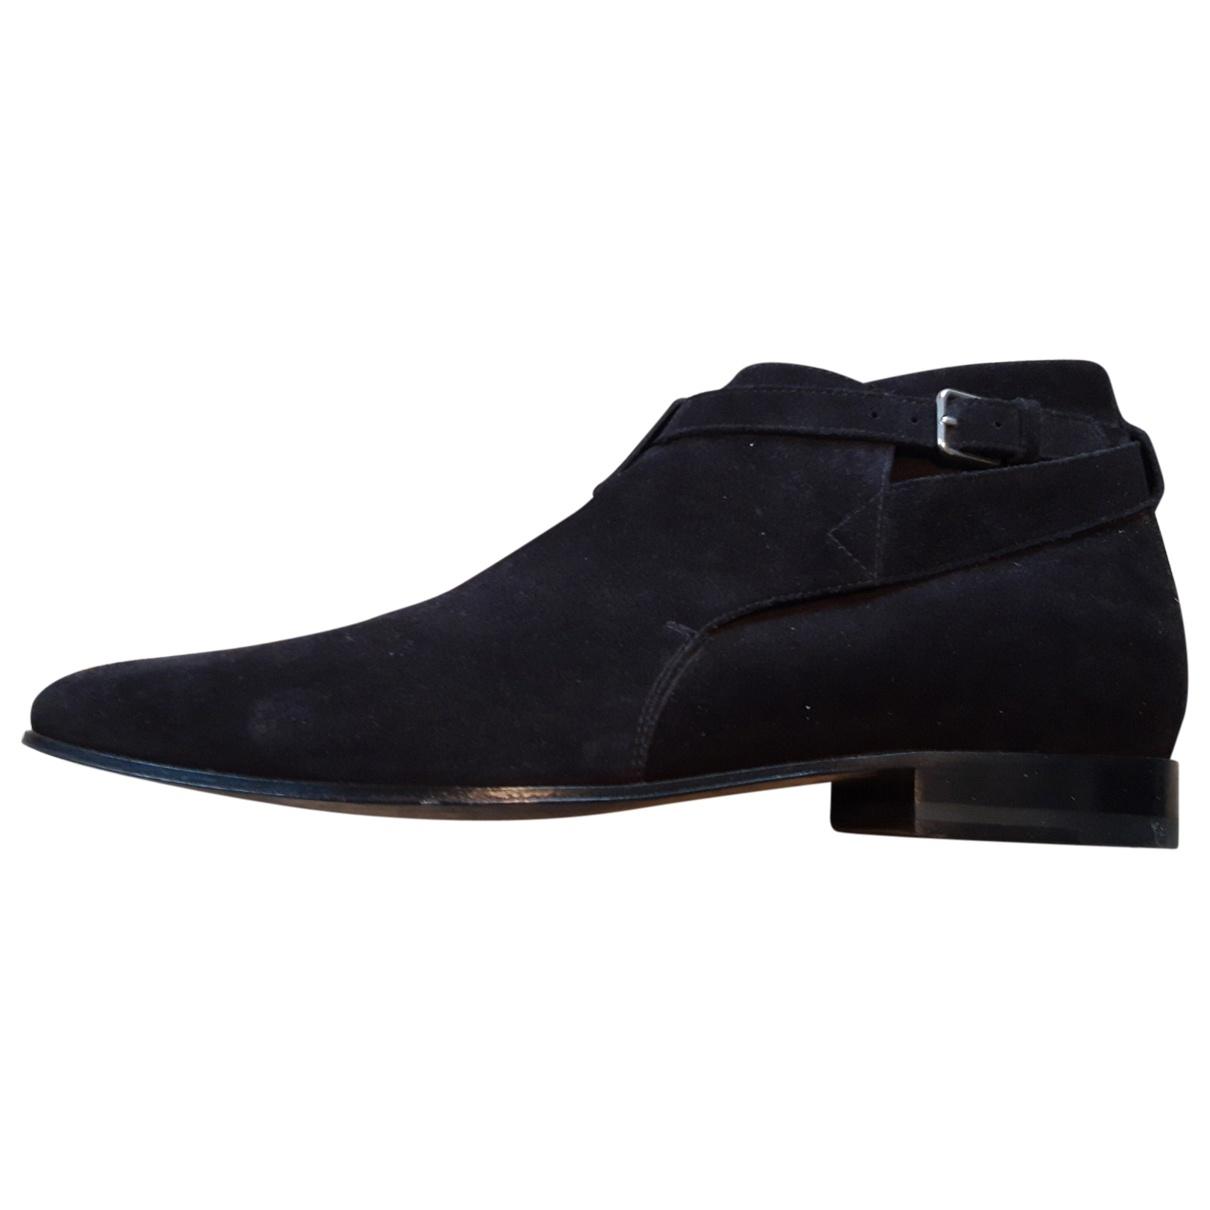 Saint Laurent - Bottes.Boots   pour homme en suede - noir